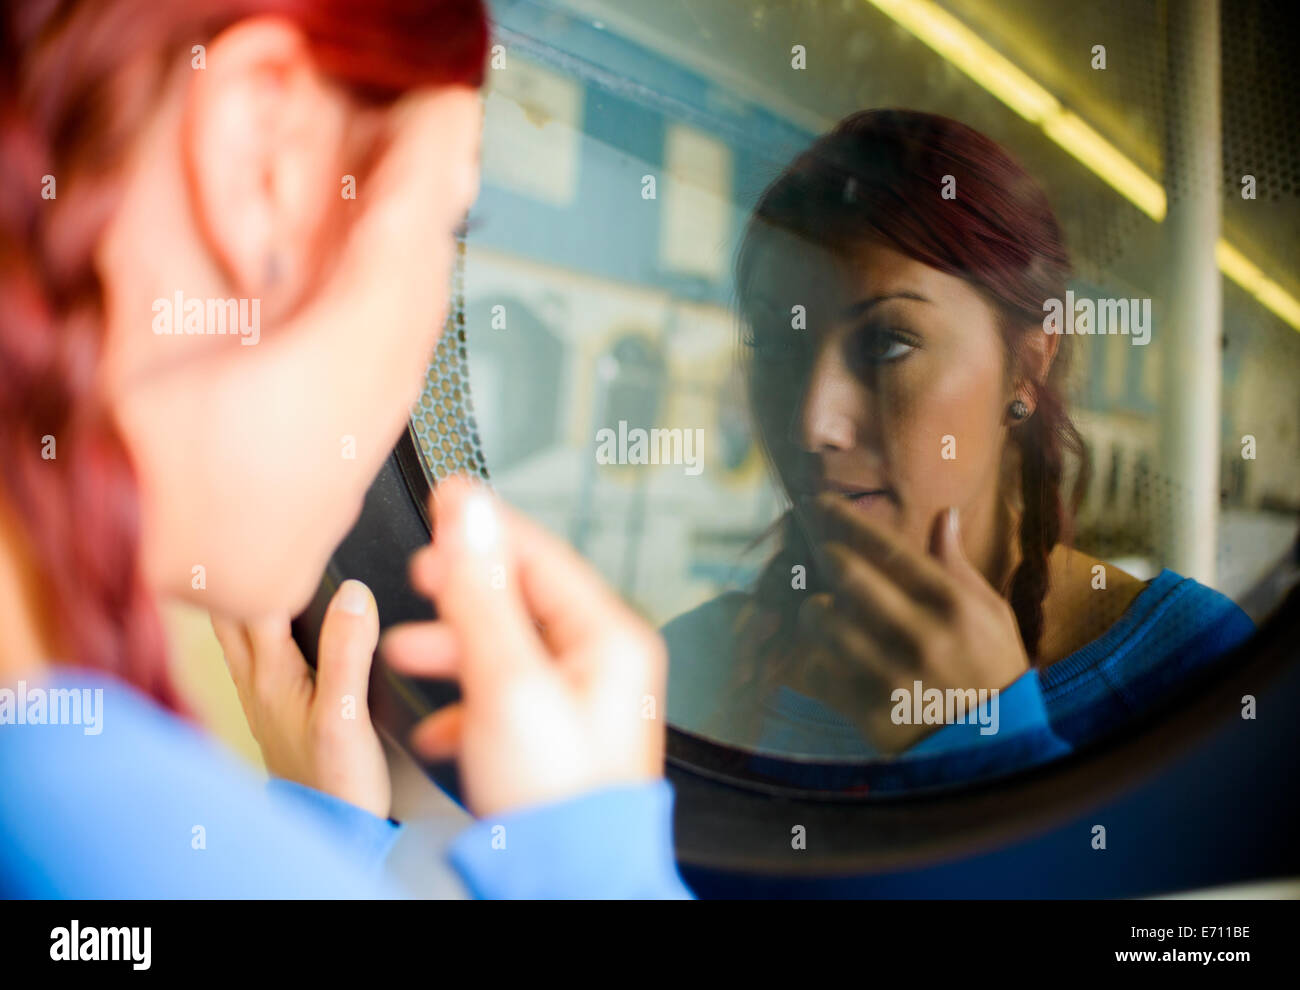 Joven en lavadero, mirando a la reflexión en la lavadora Imagen De Stock